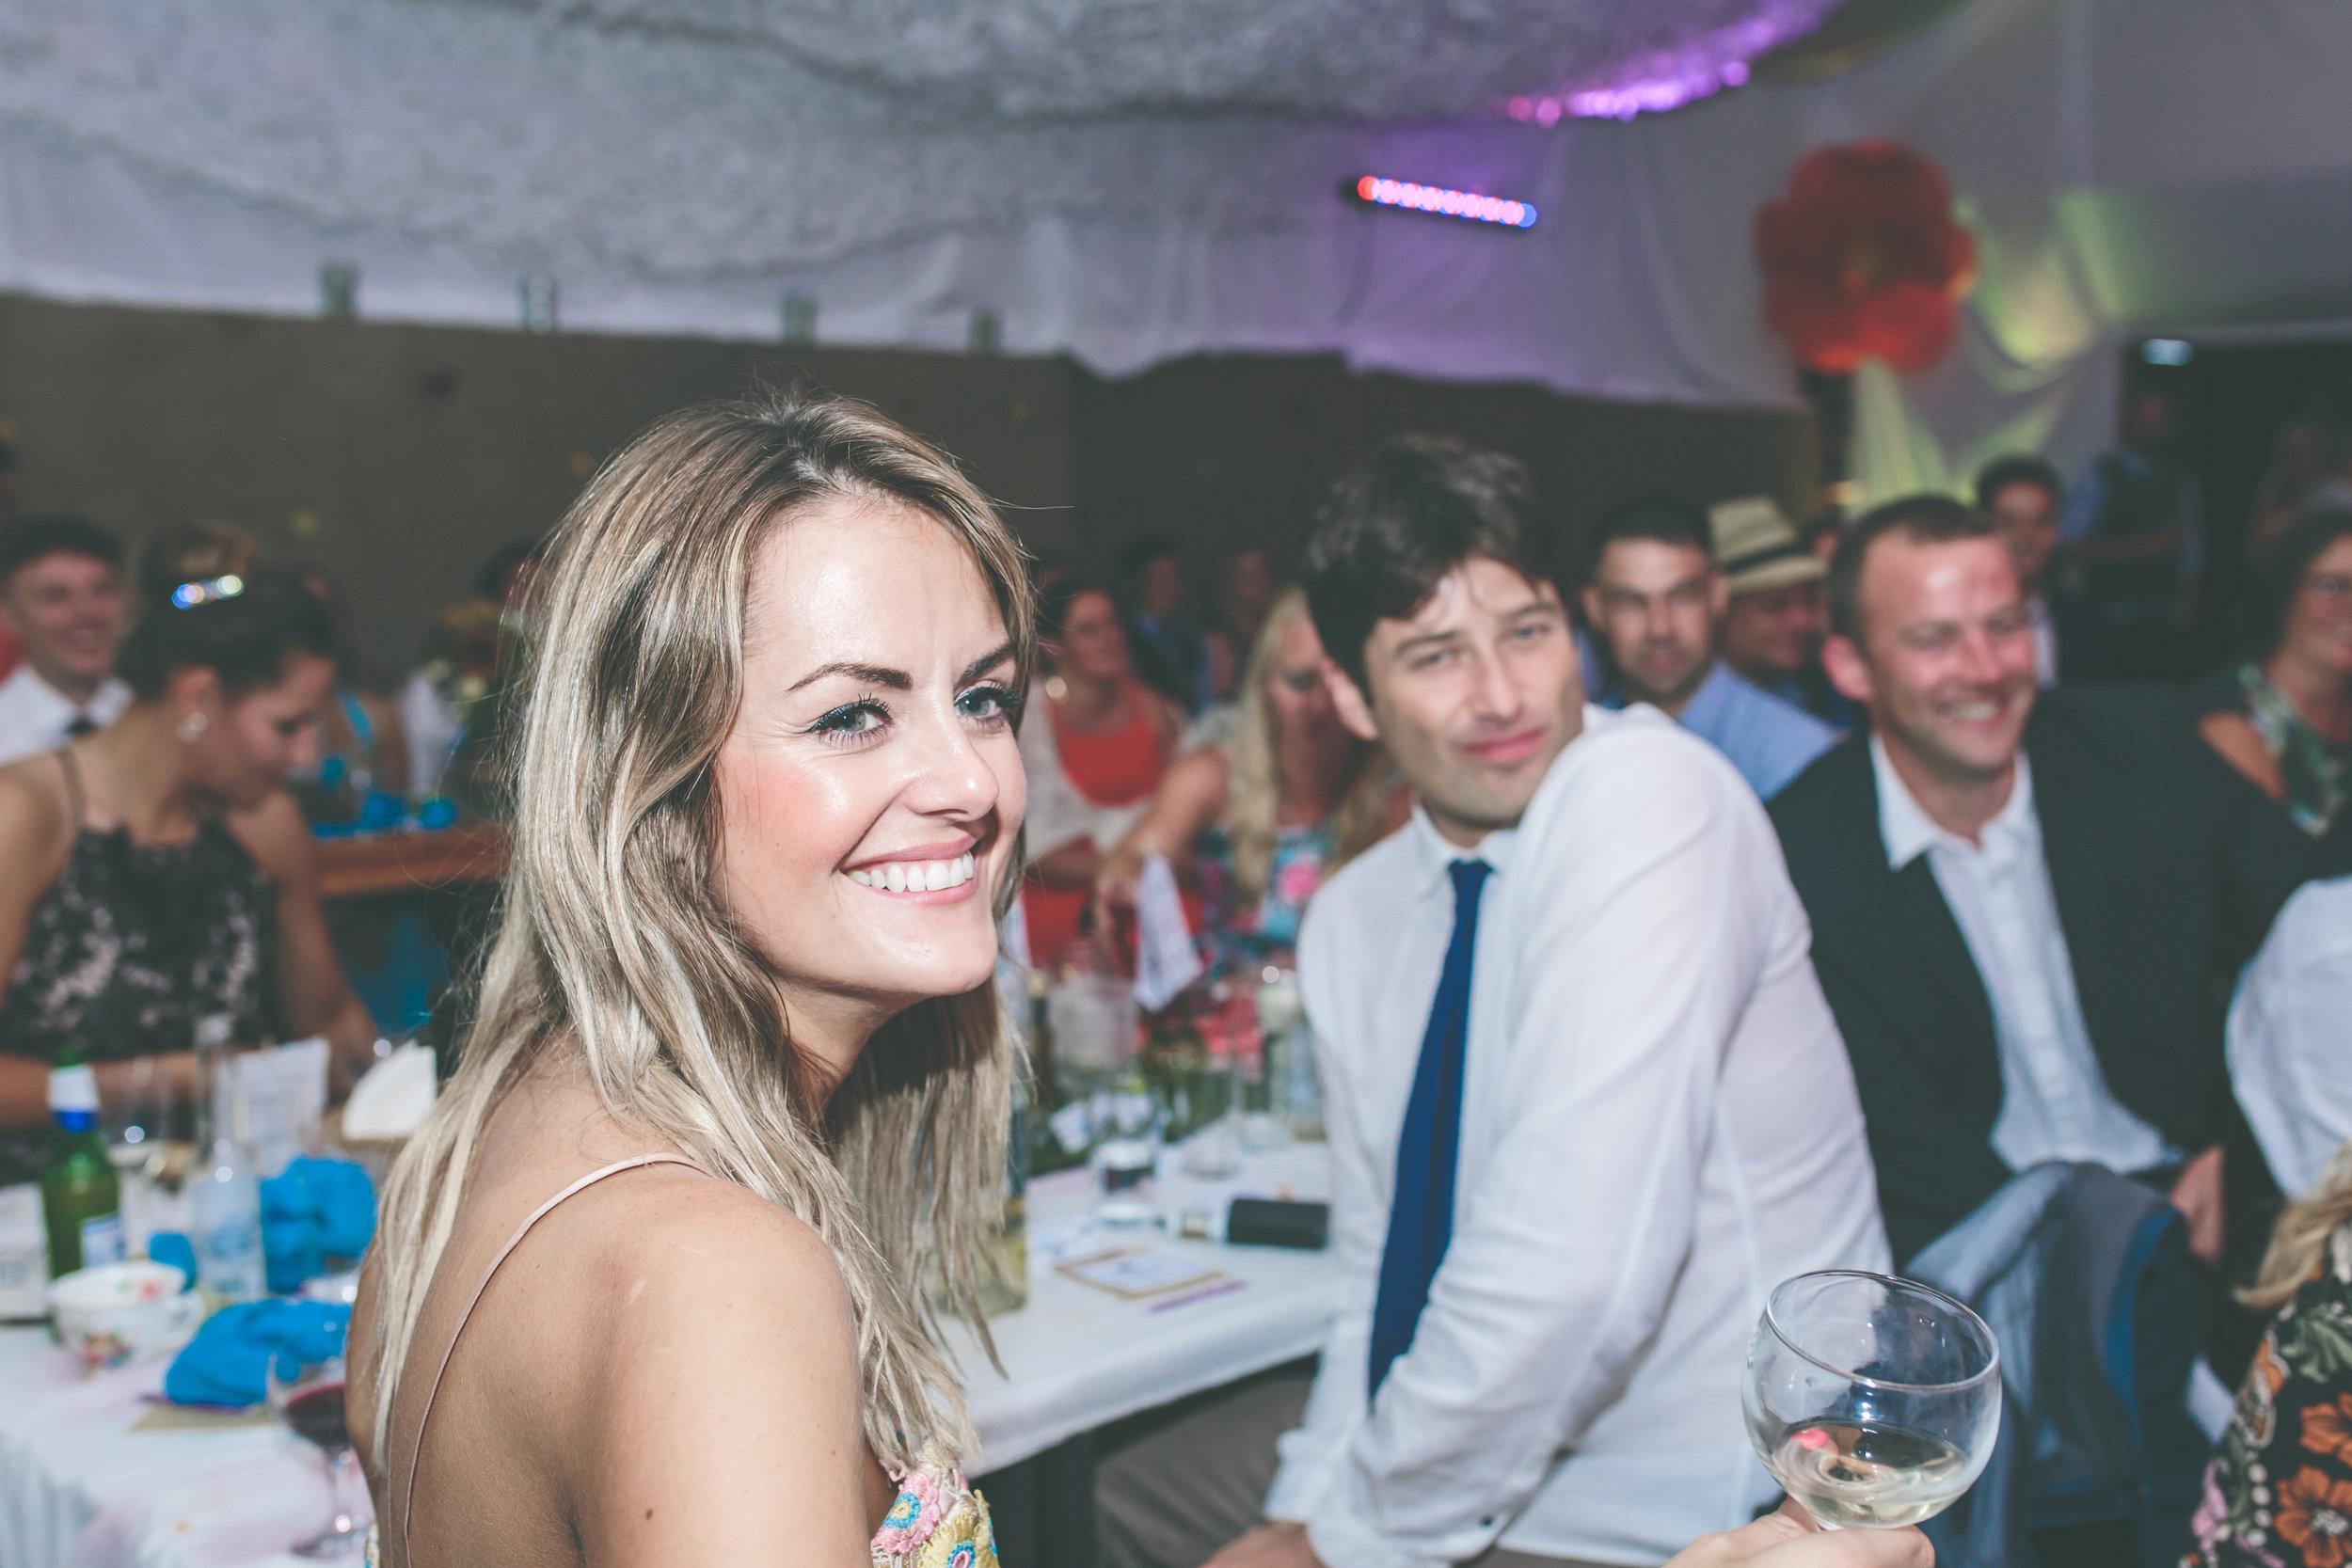 Mahoralls_Cider_Farm_Wedding_Shropshire_Sammy_Jack-404.jpg